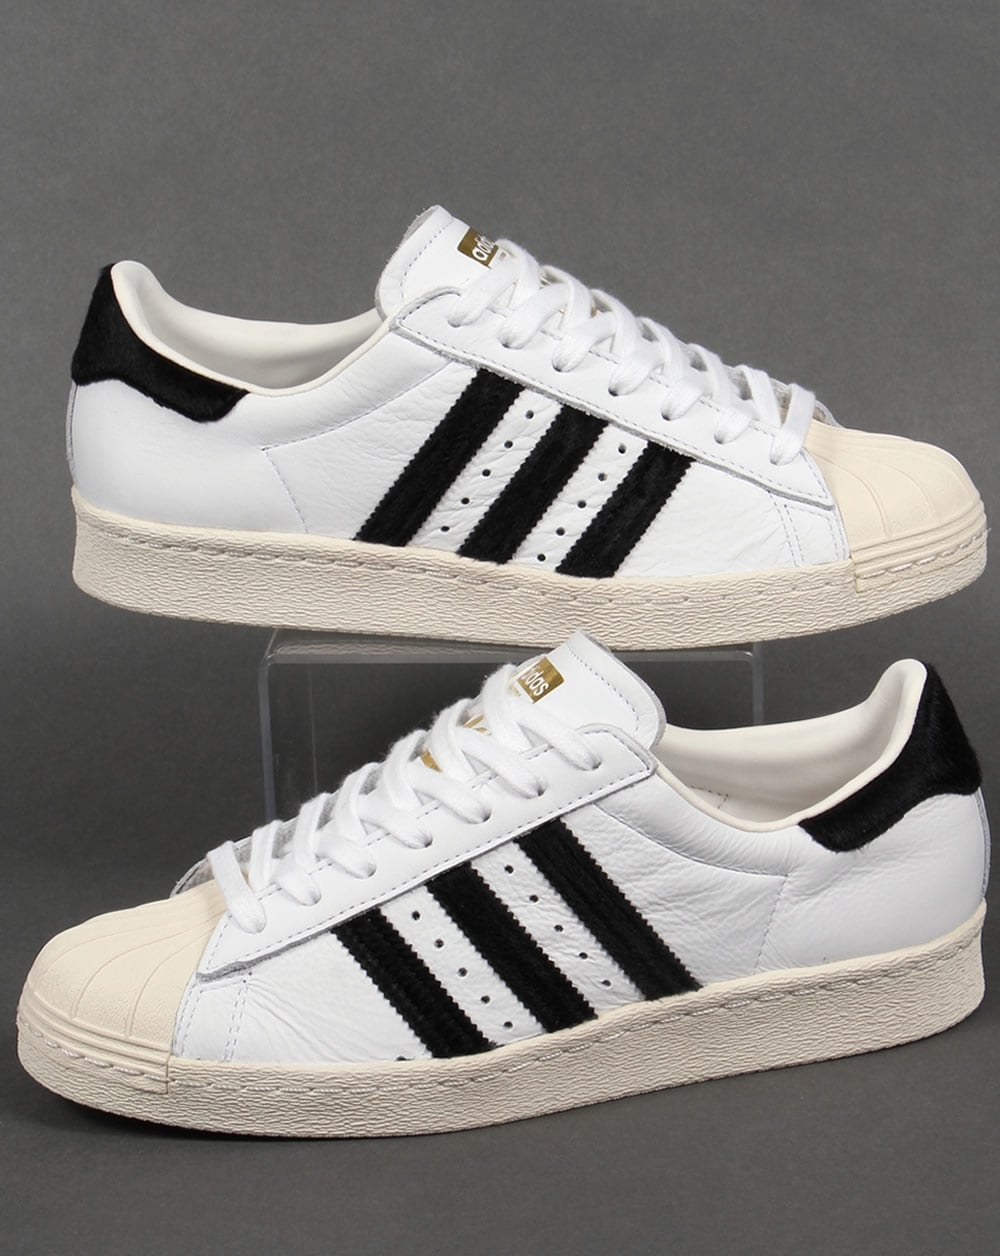 adidas superstars 80s